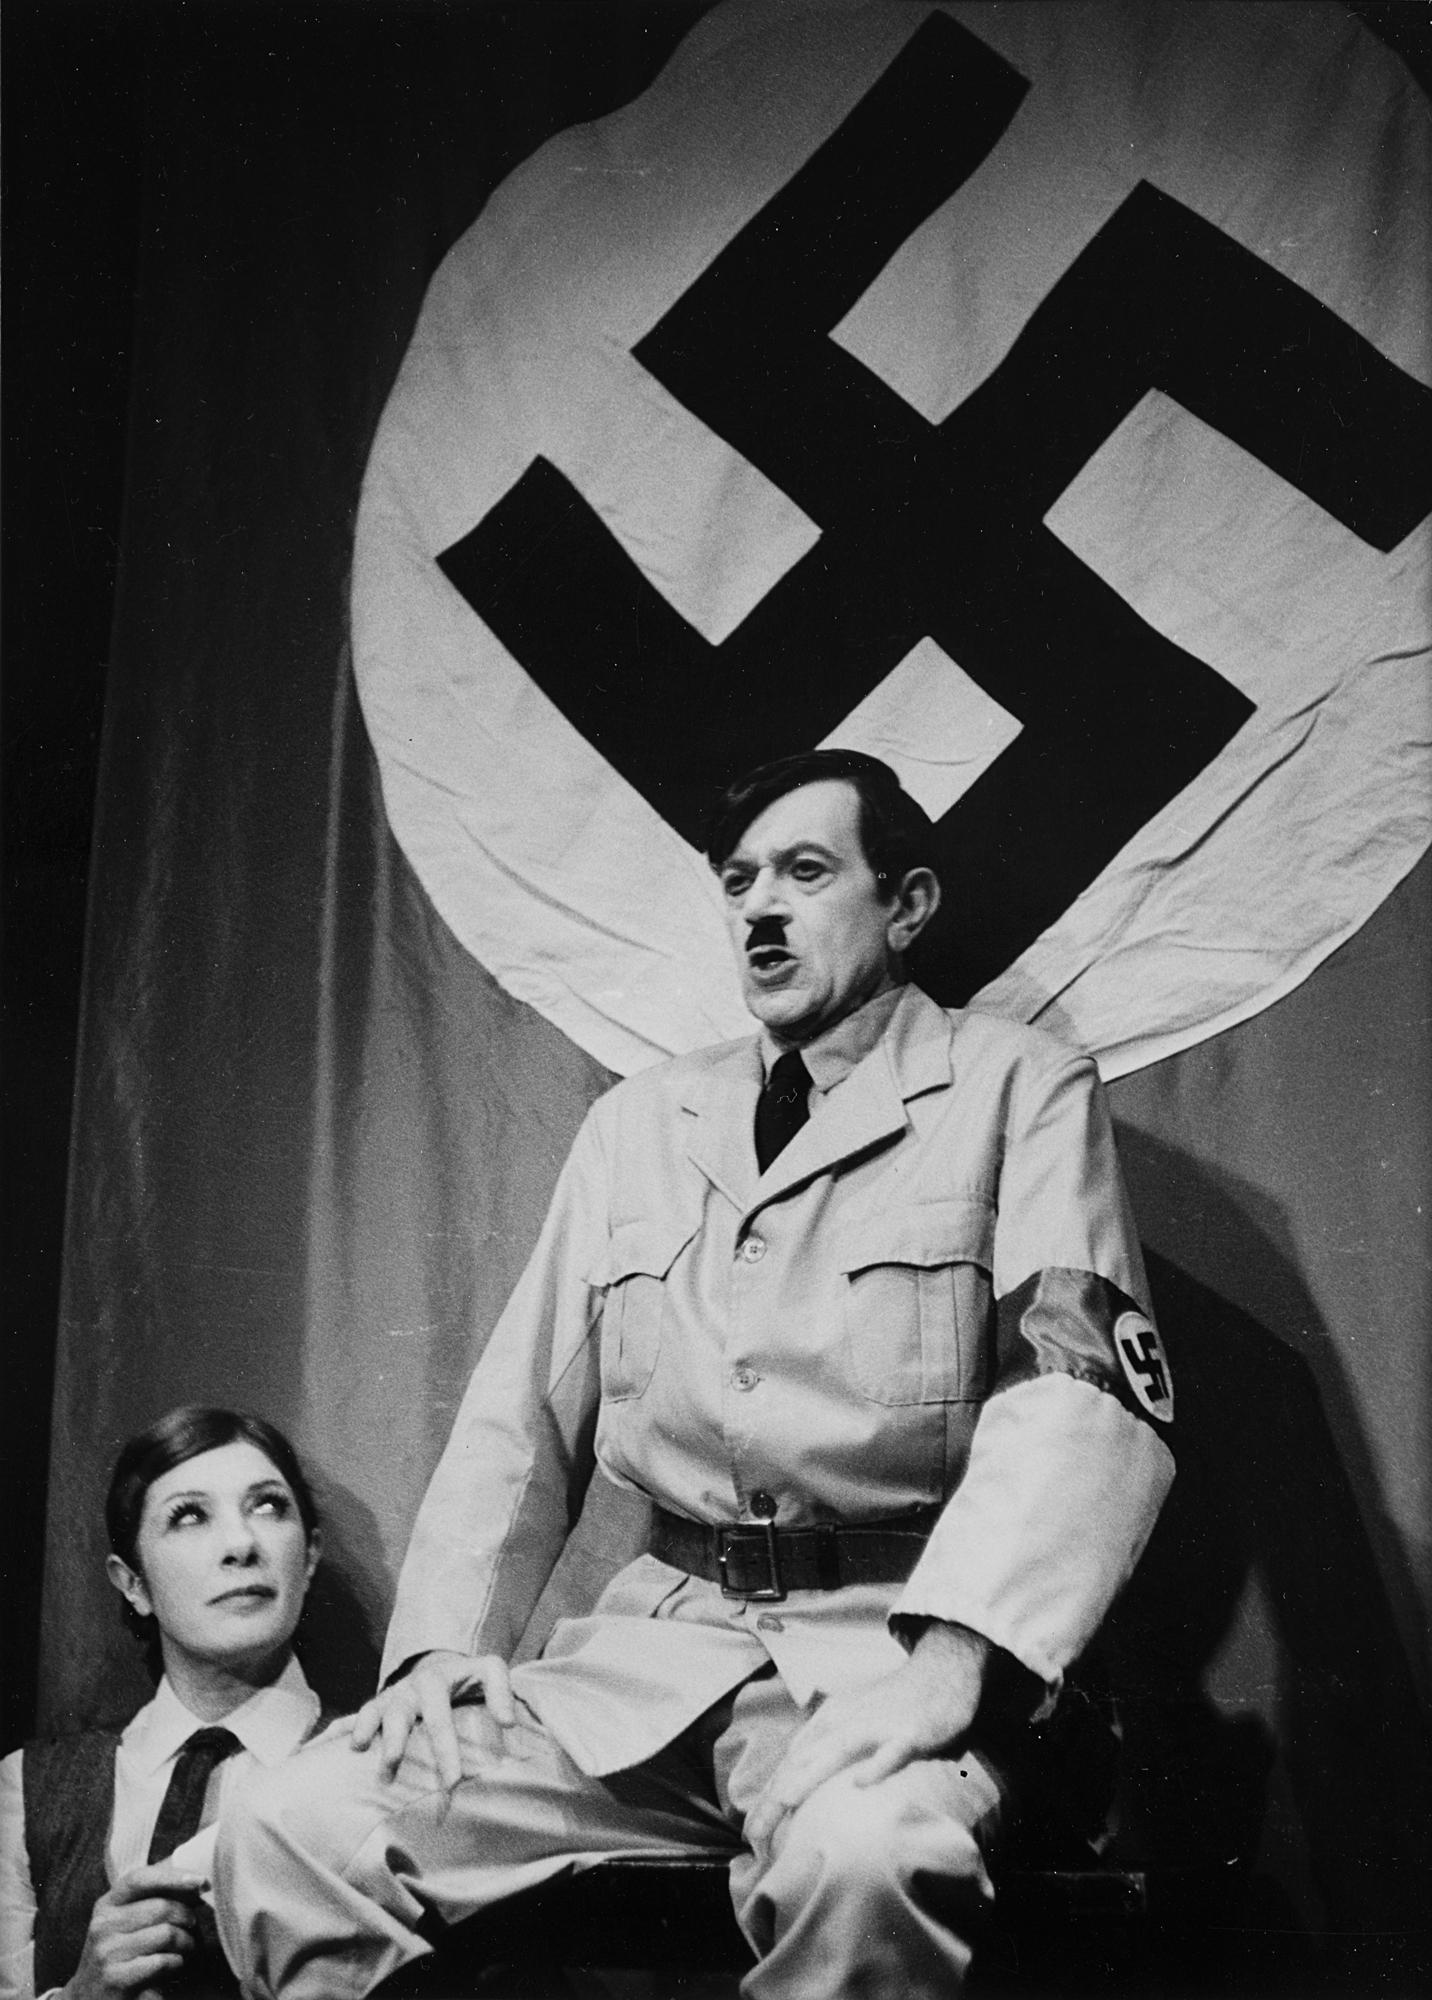 Nicolas Bataille in uno spettacolo di cabaret a Parigi, 1955